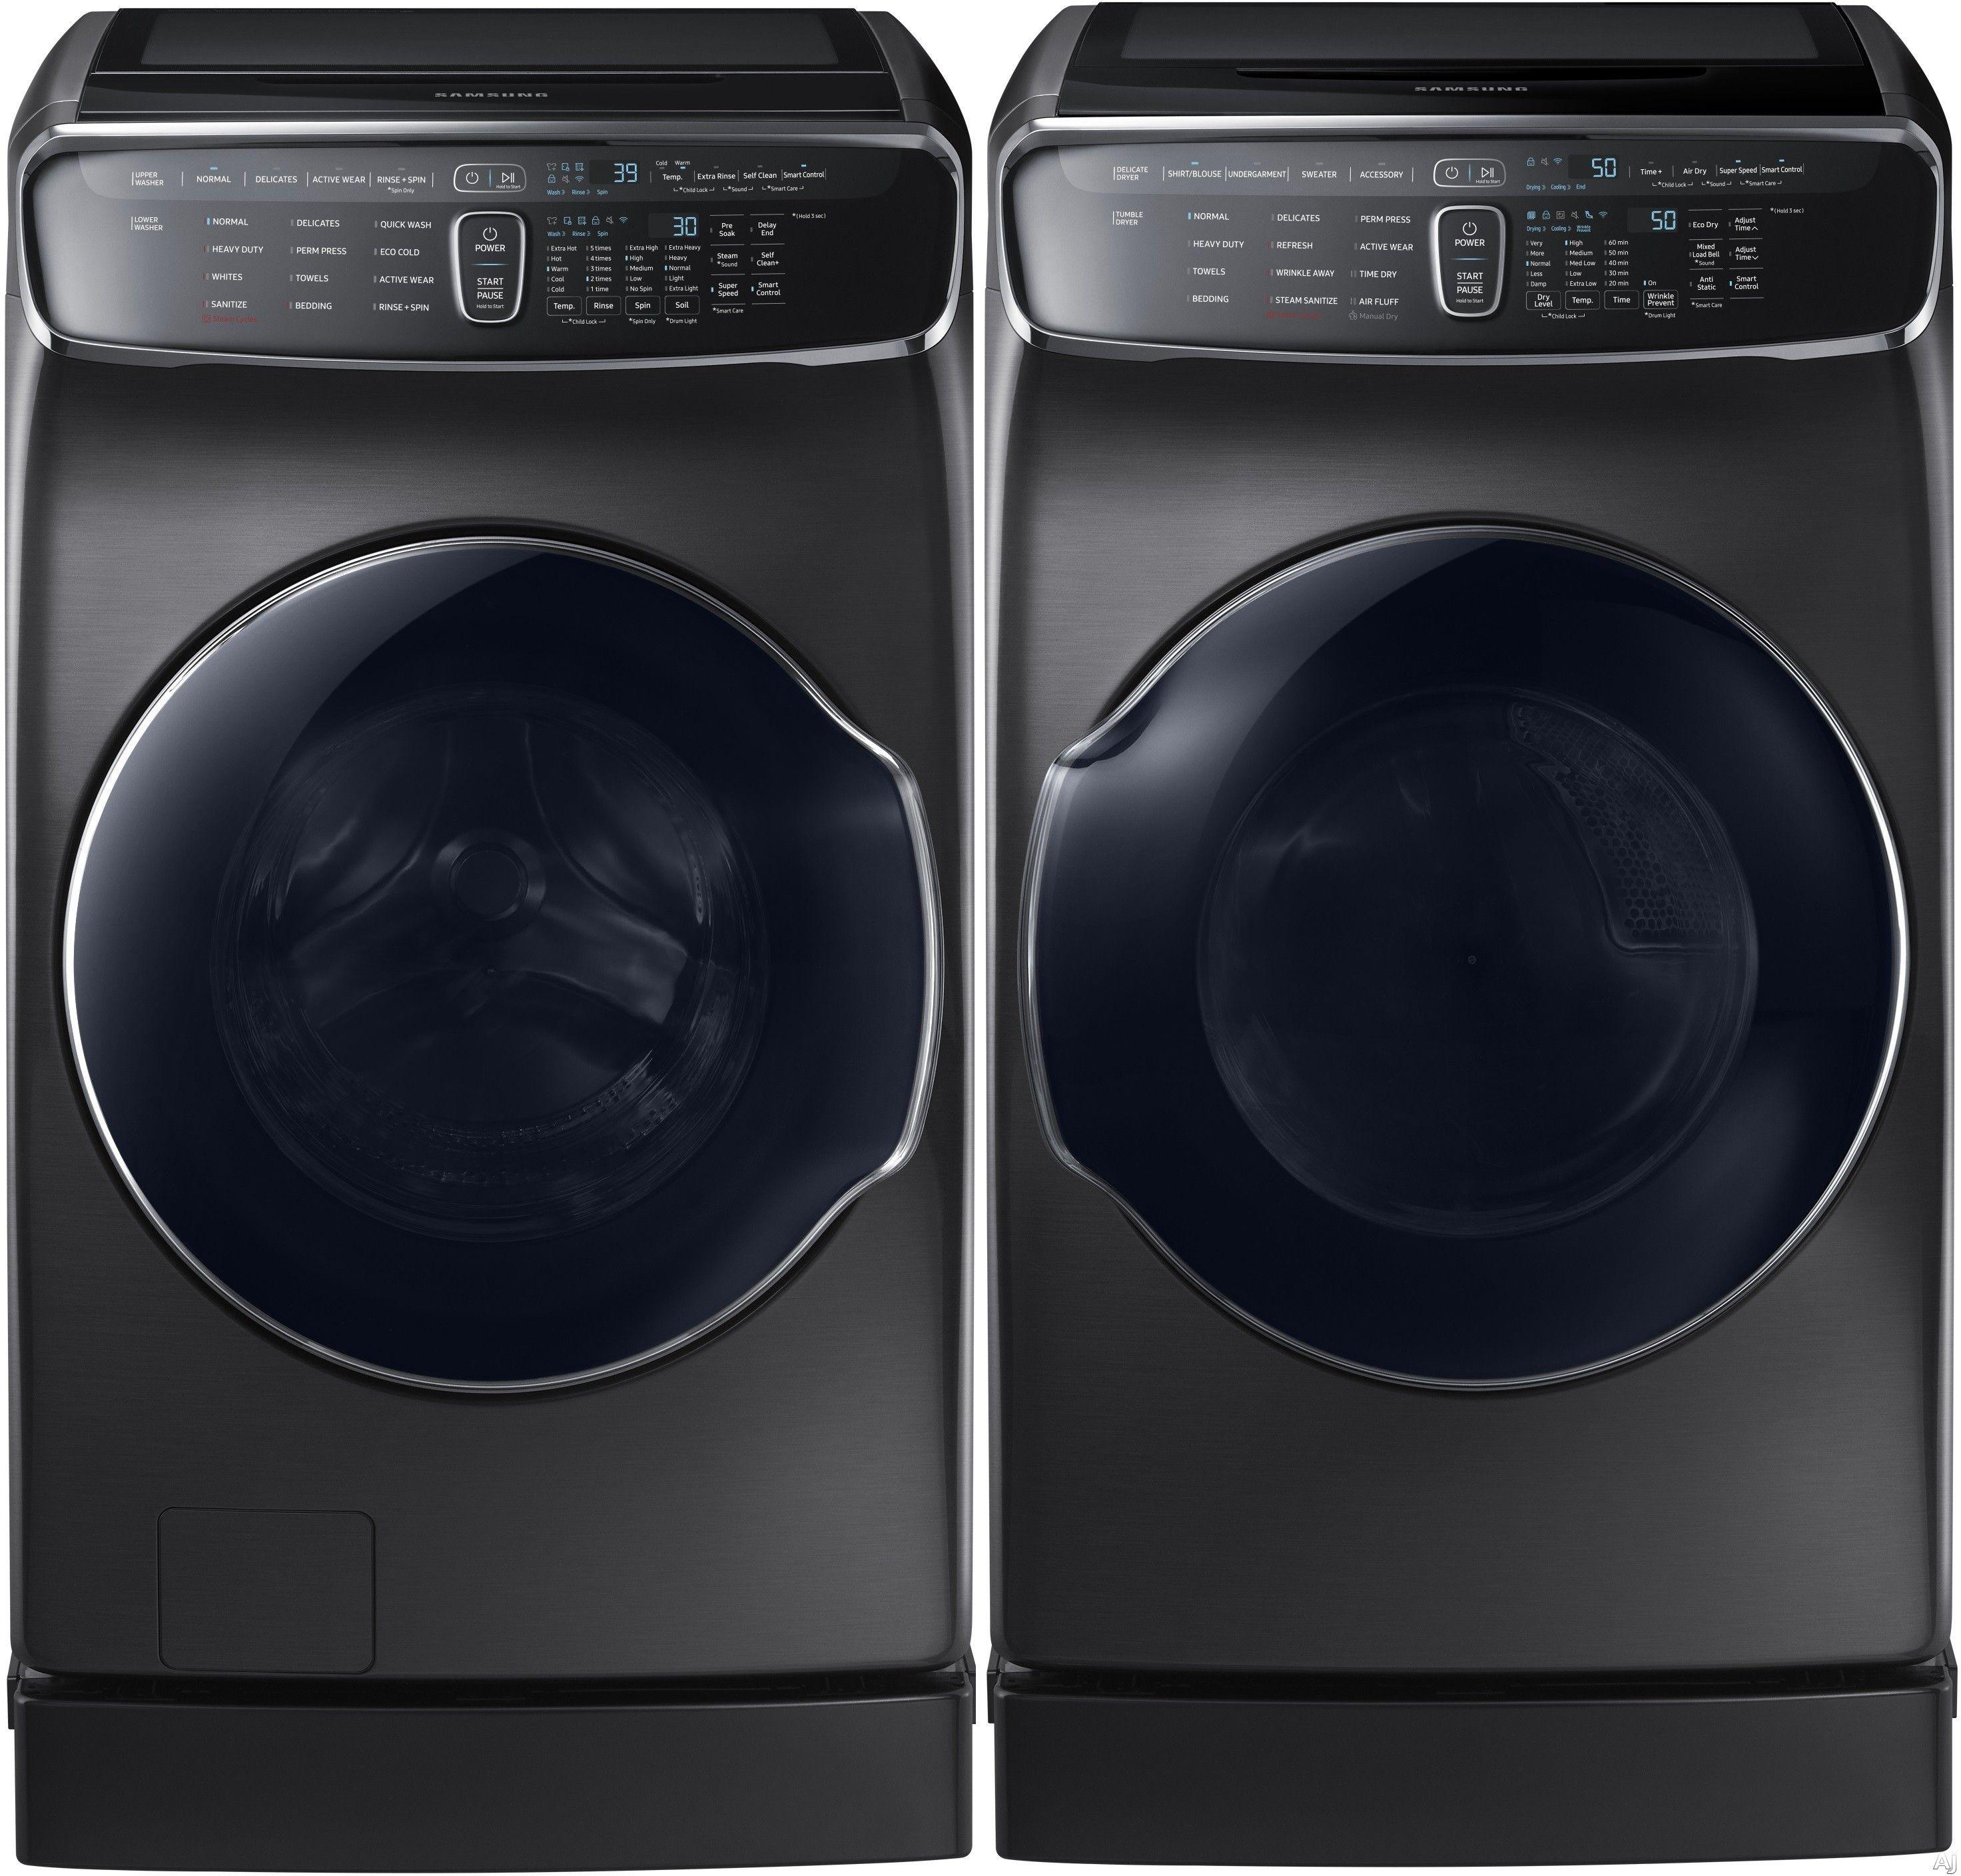 Samsung Sam9900fw Samsung 9900 Series Flexwash Washer Dryer Pair Washer And Dryer Washer Dryer